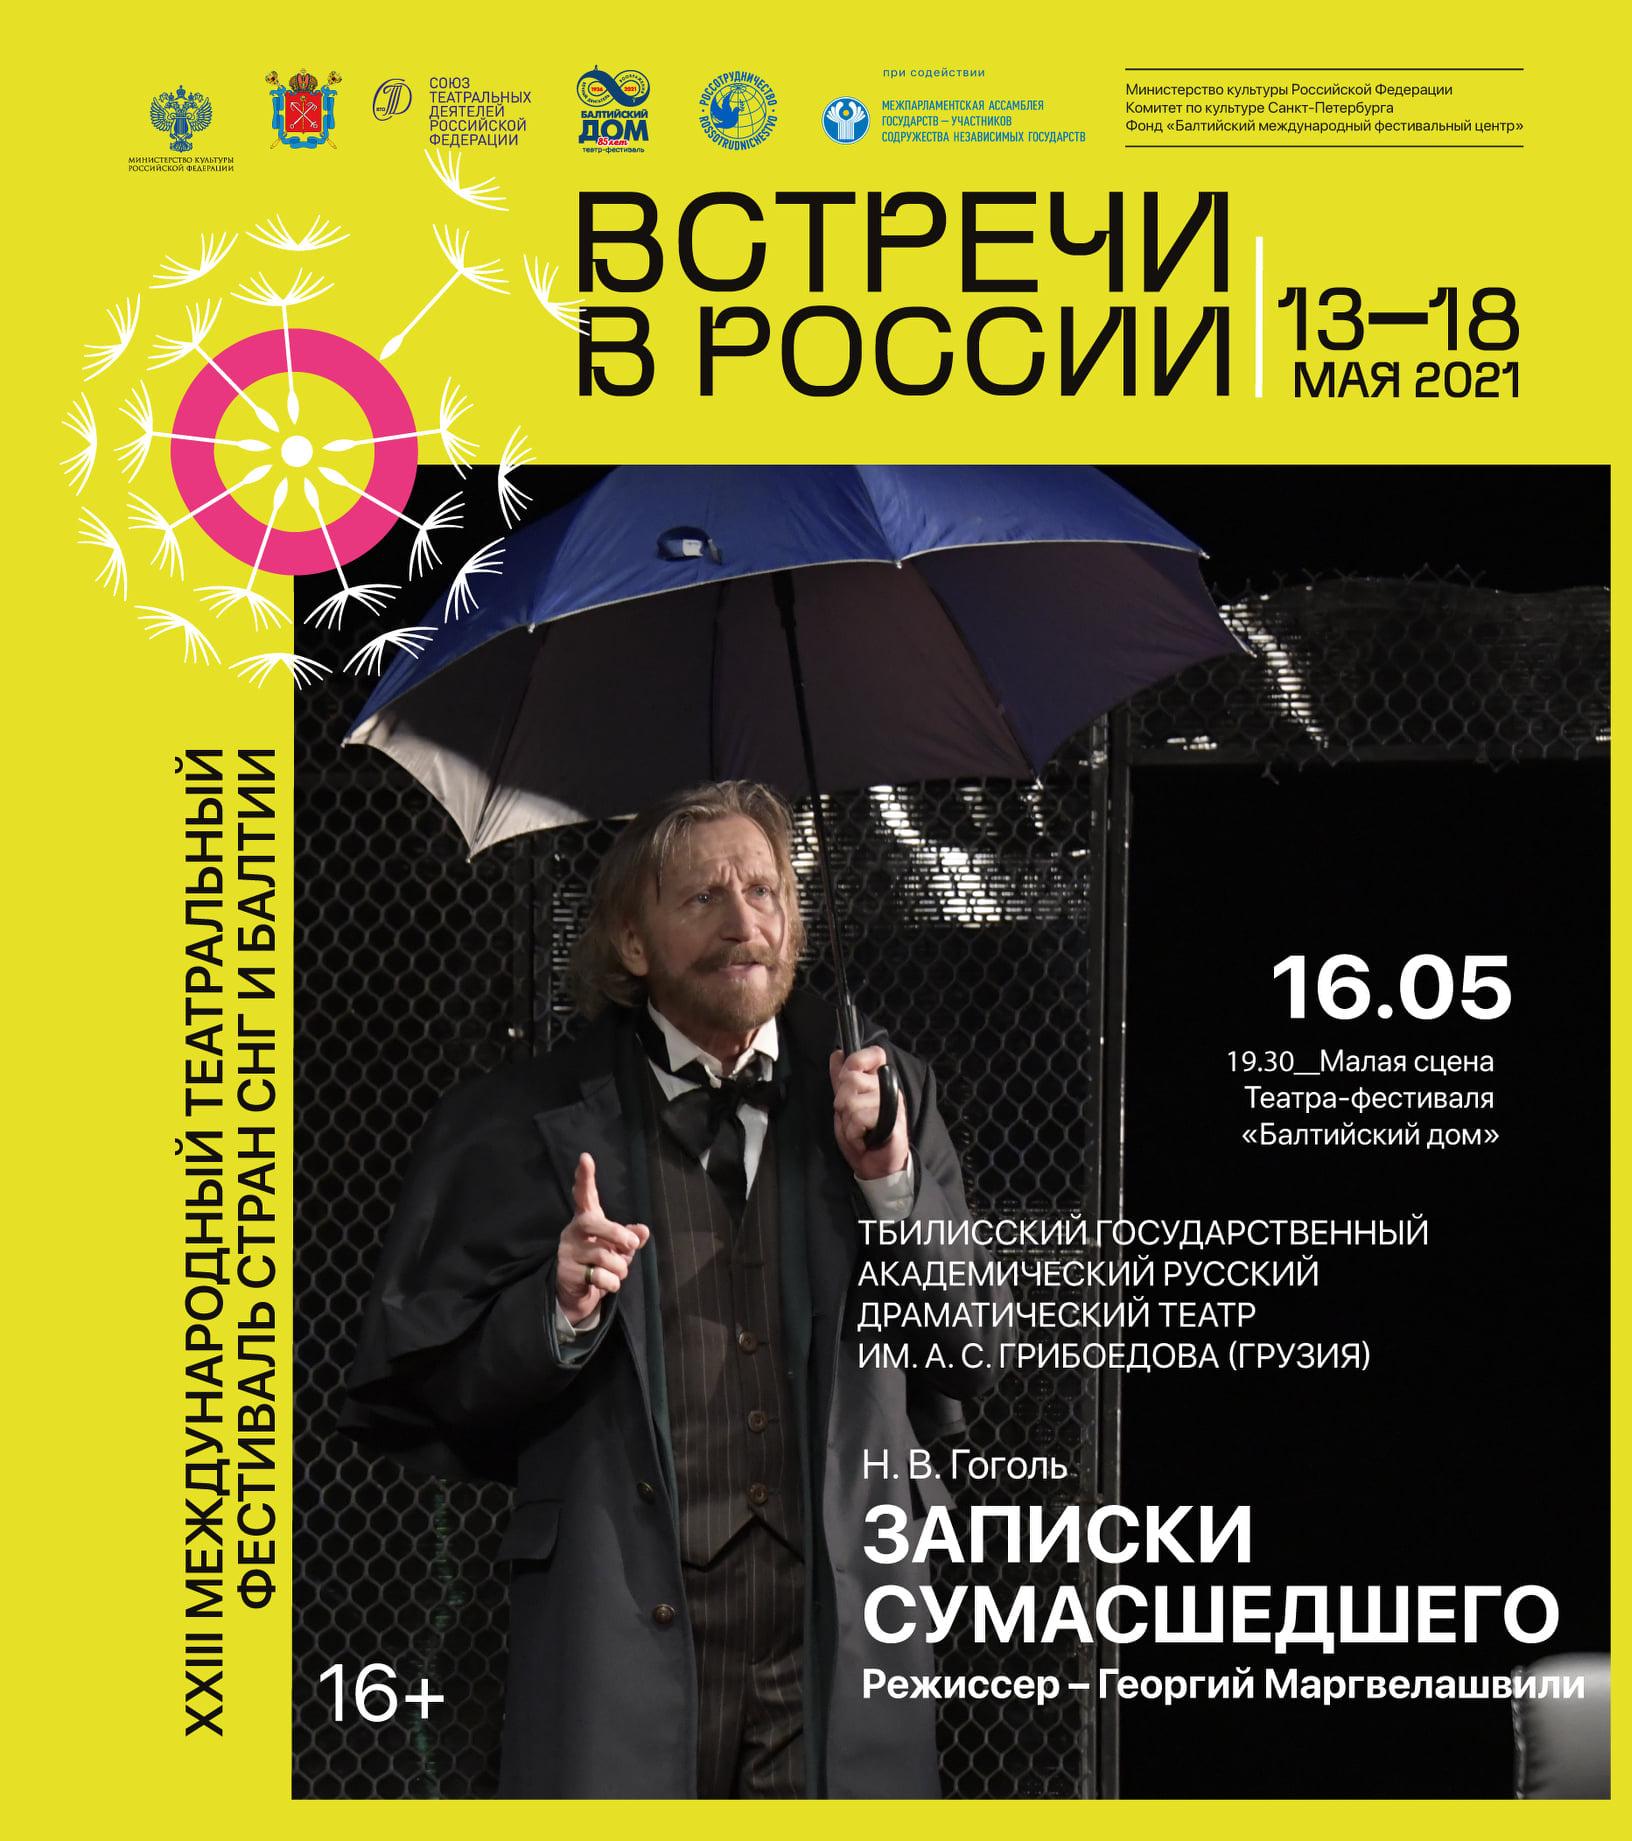 Международный театральный фестиваль стран СНГ и Балтии «Встречи в России» (Санкт-Петербург) 2021